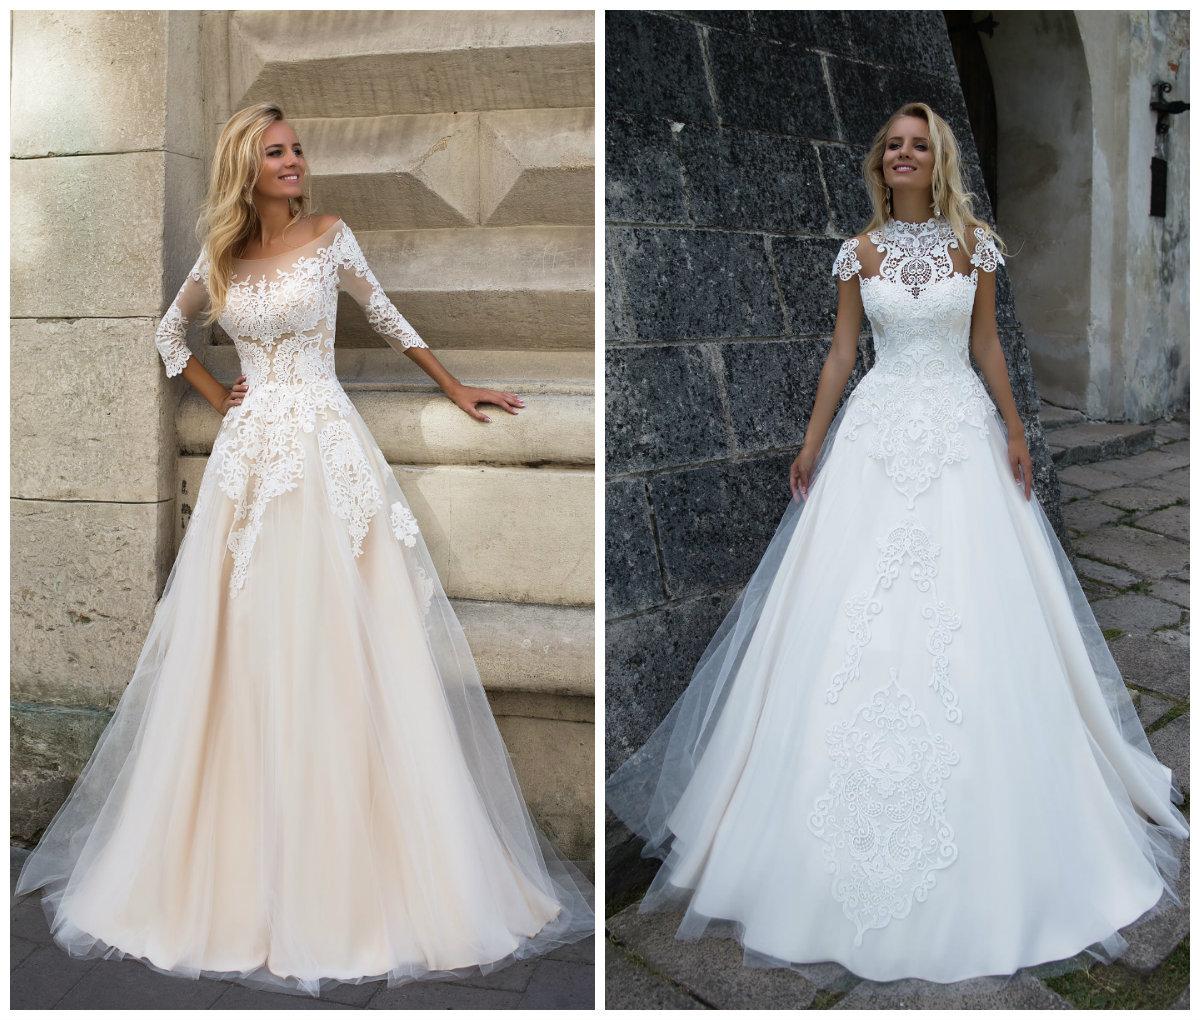 7a54592ed12 ... Самые модные свадебные платья 2017. Основные модные тенденции 2017 года  и советы ведущих дизайнеров по